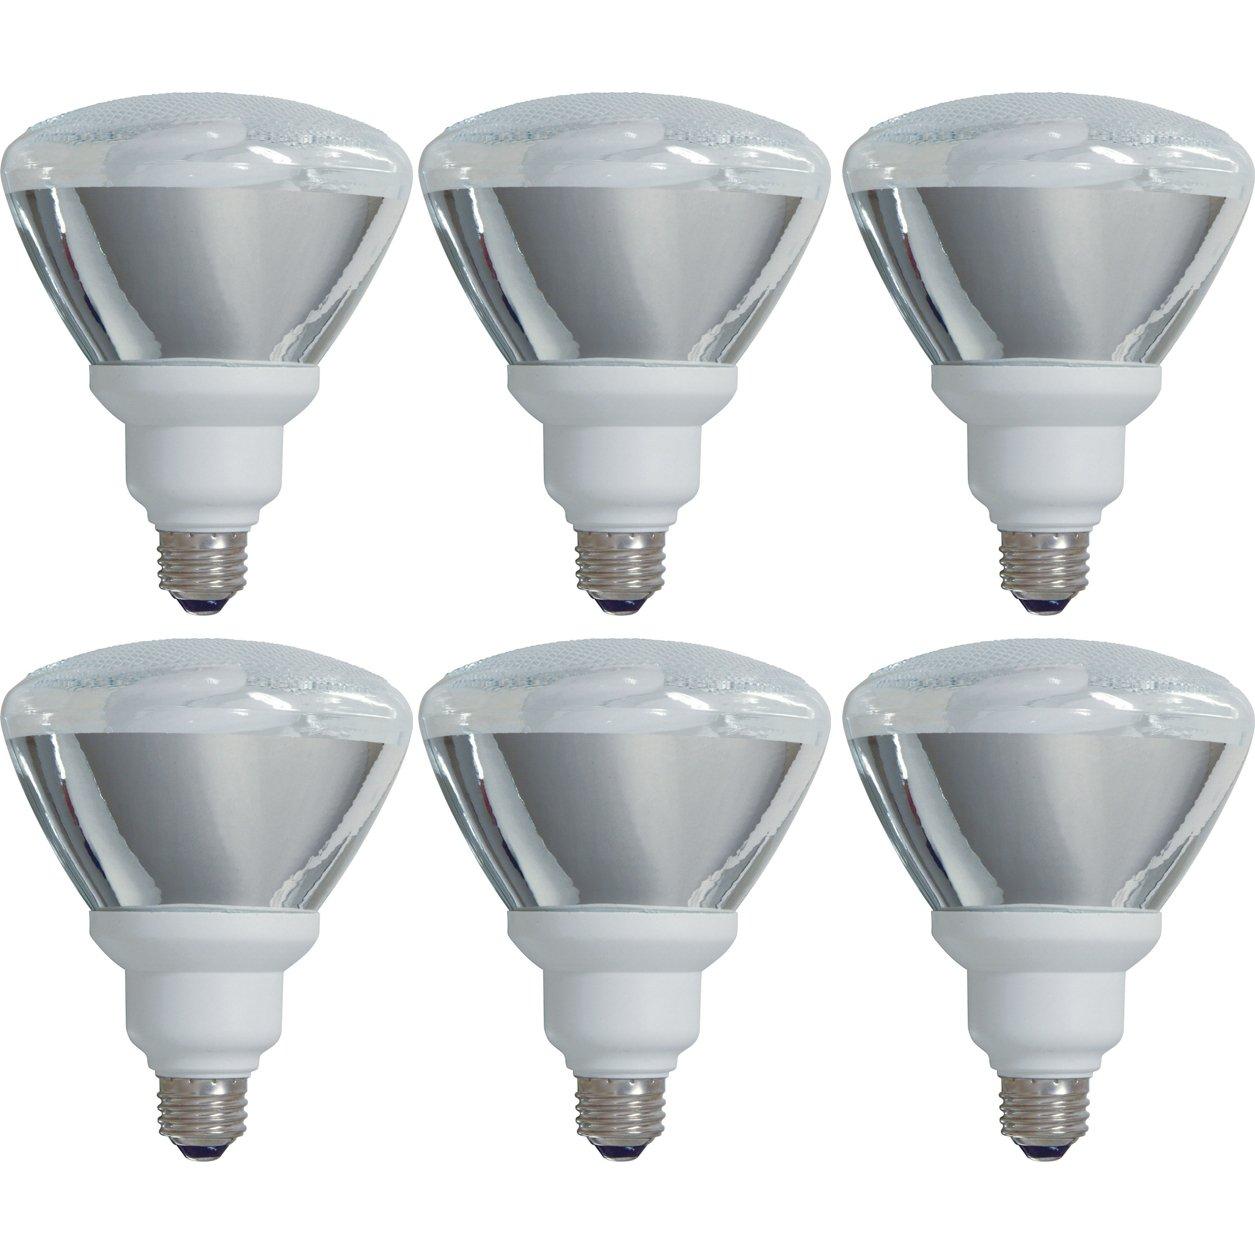 GE Lighting 80895 Energy Smart CFL 26-Watt (100-watt replacement) 1300-Lumen PAR38 Floodlight Bulb with Medium Base, 6-Pack